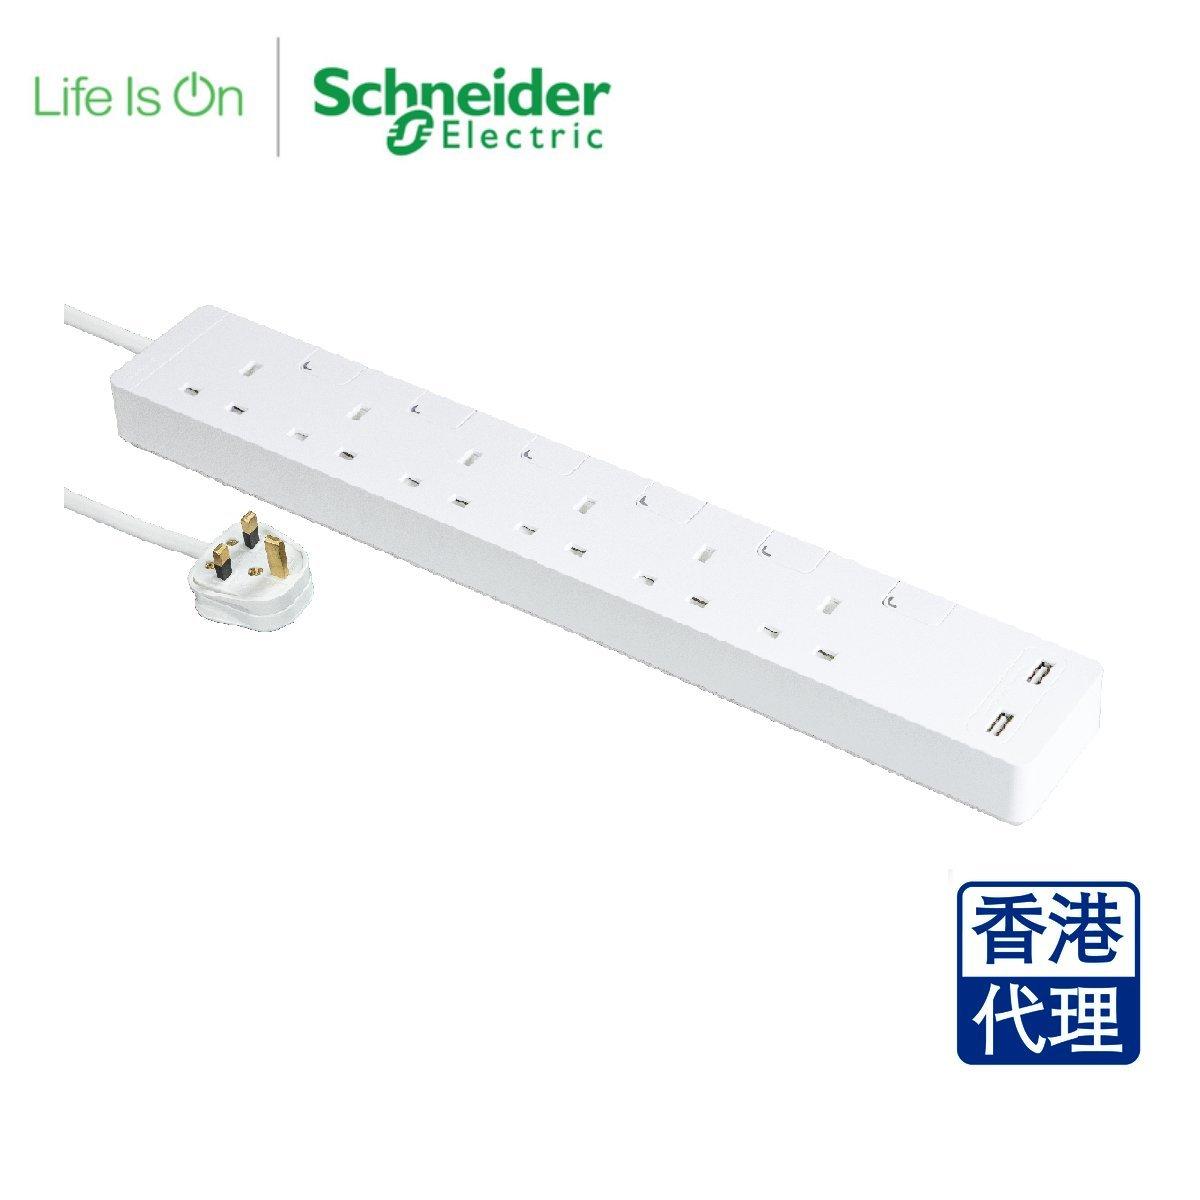 13A 六位獨立開關安全插座連兩位USB充電插座  (連3米線)